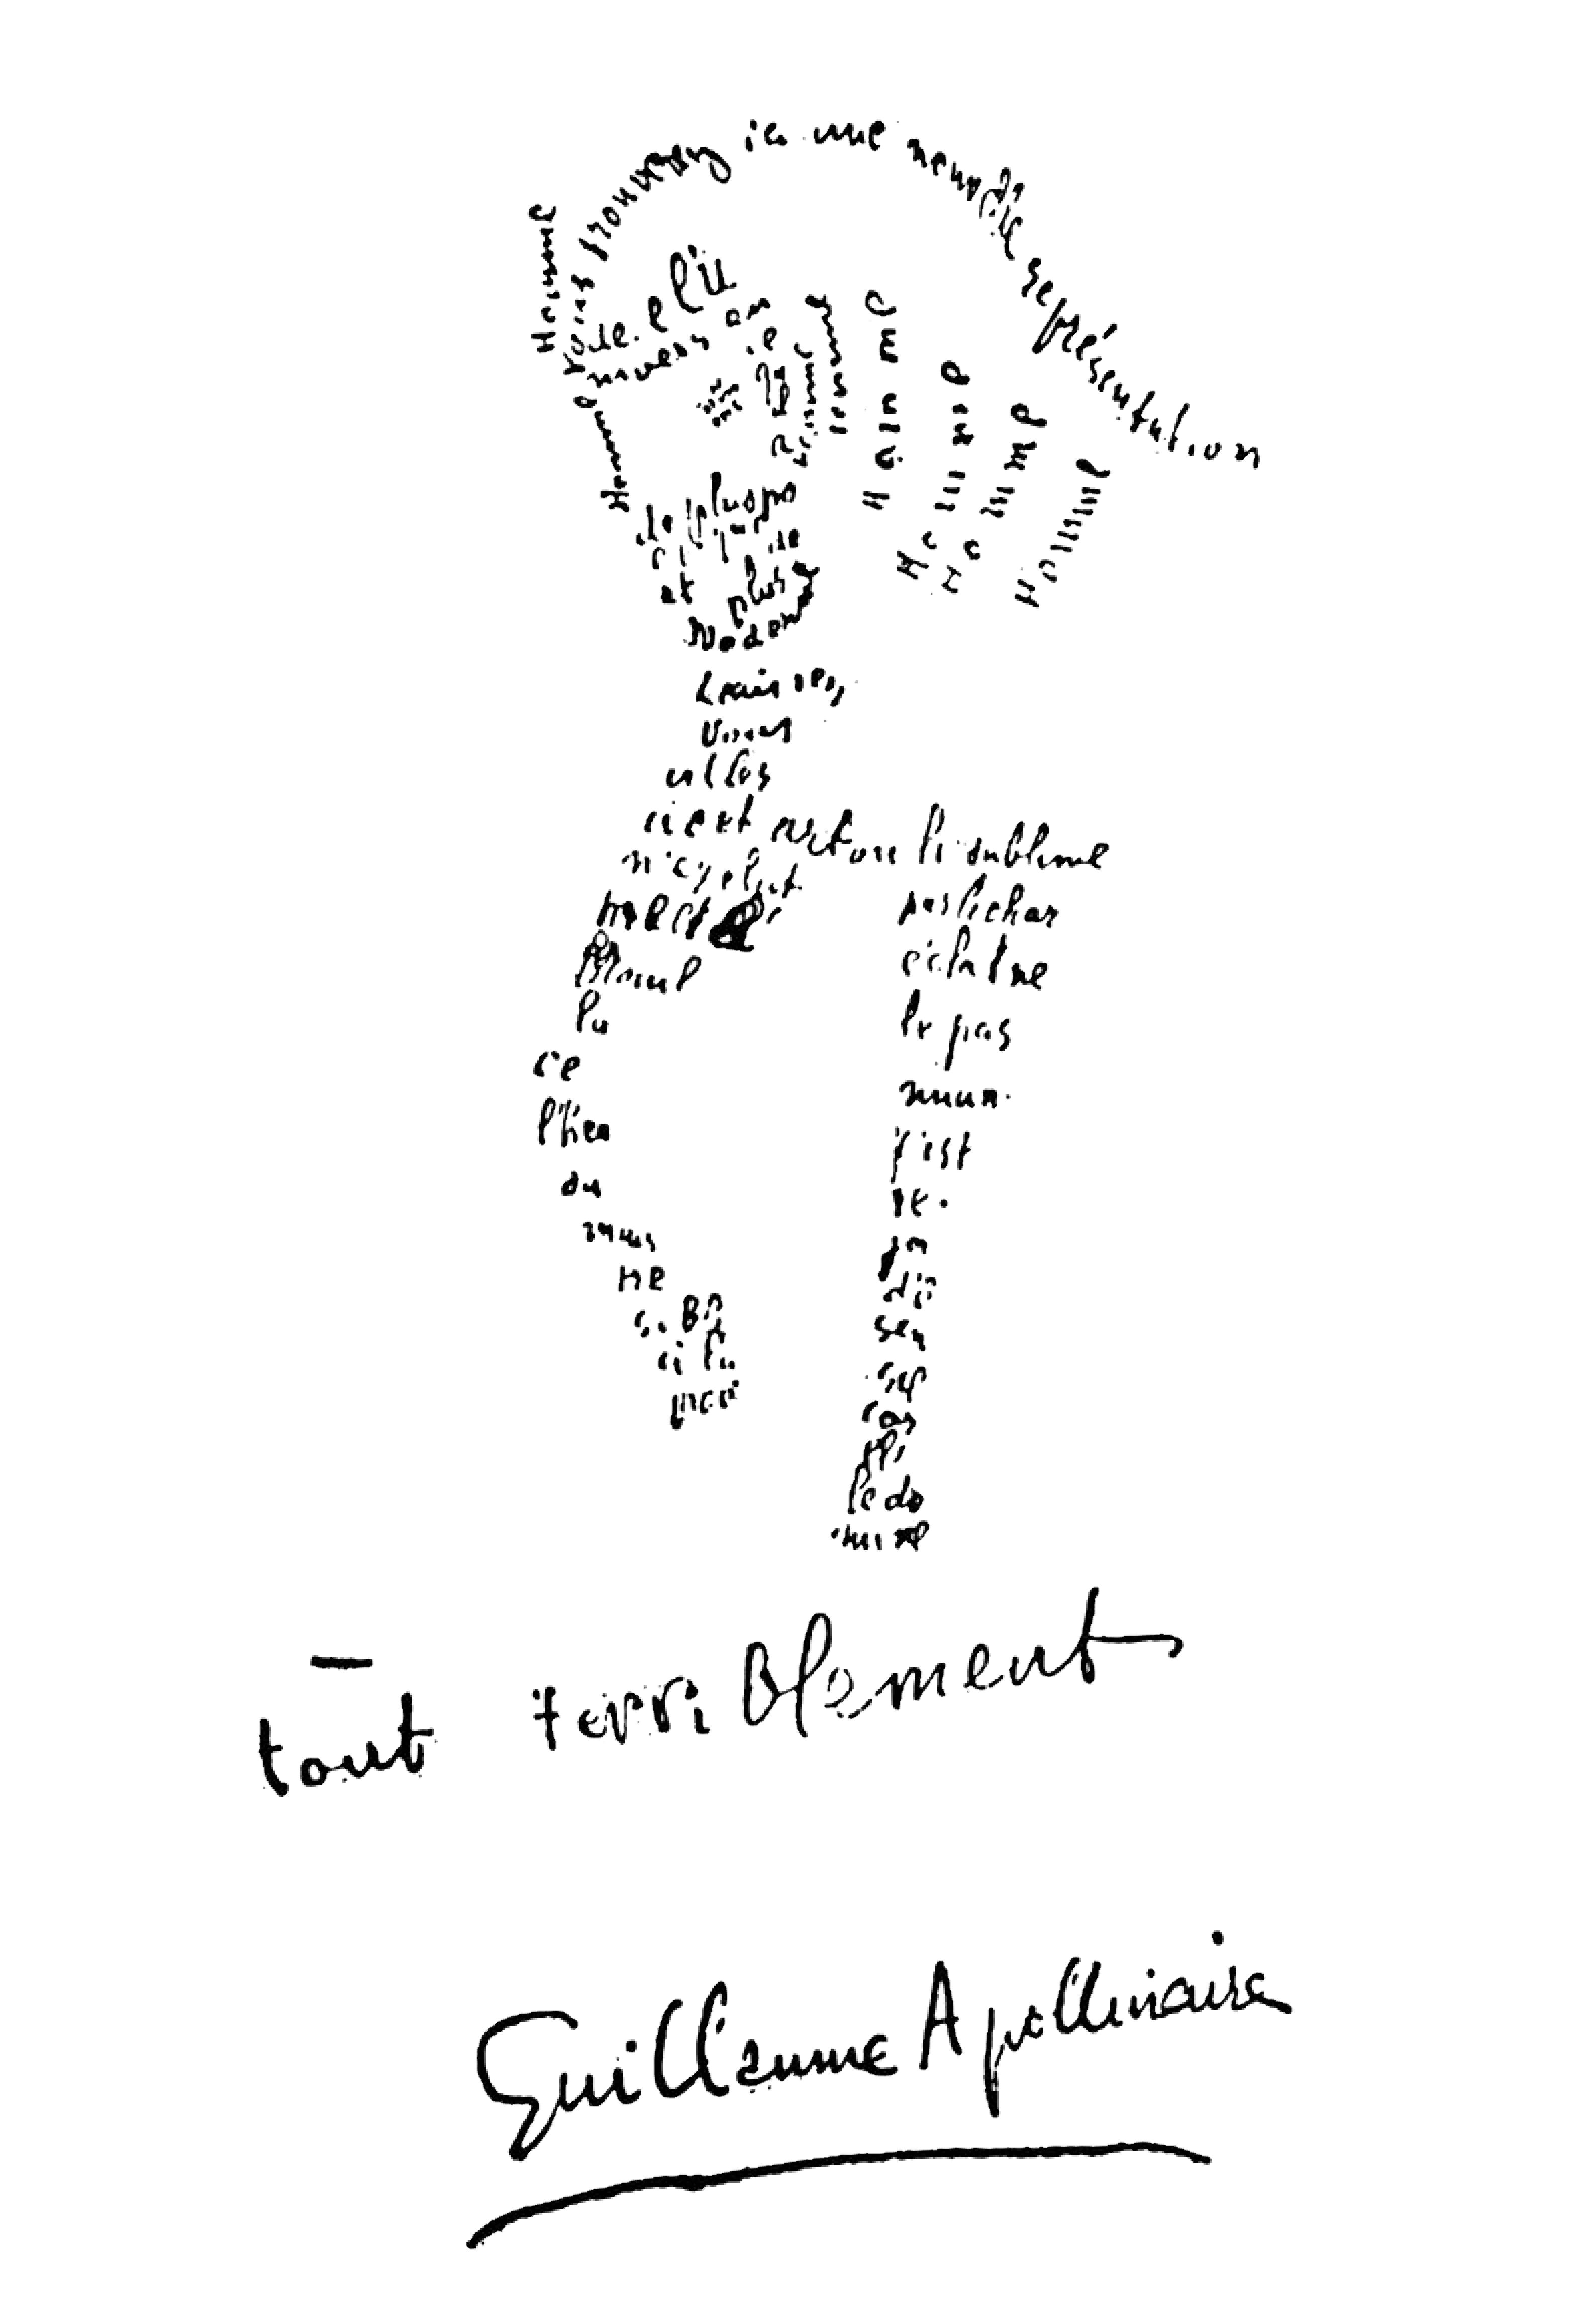 Chevaux de frise de Guillaume Apollinaire - Les vagabonds sans trêves